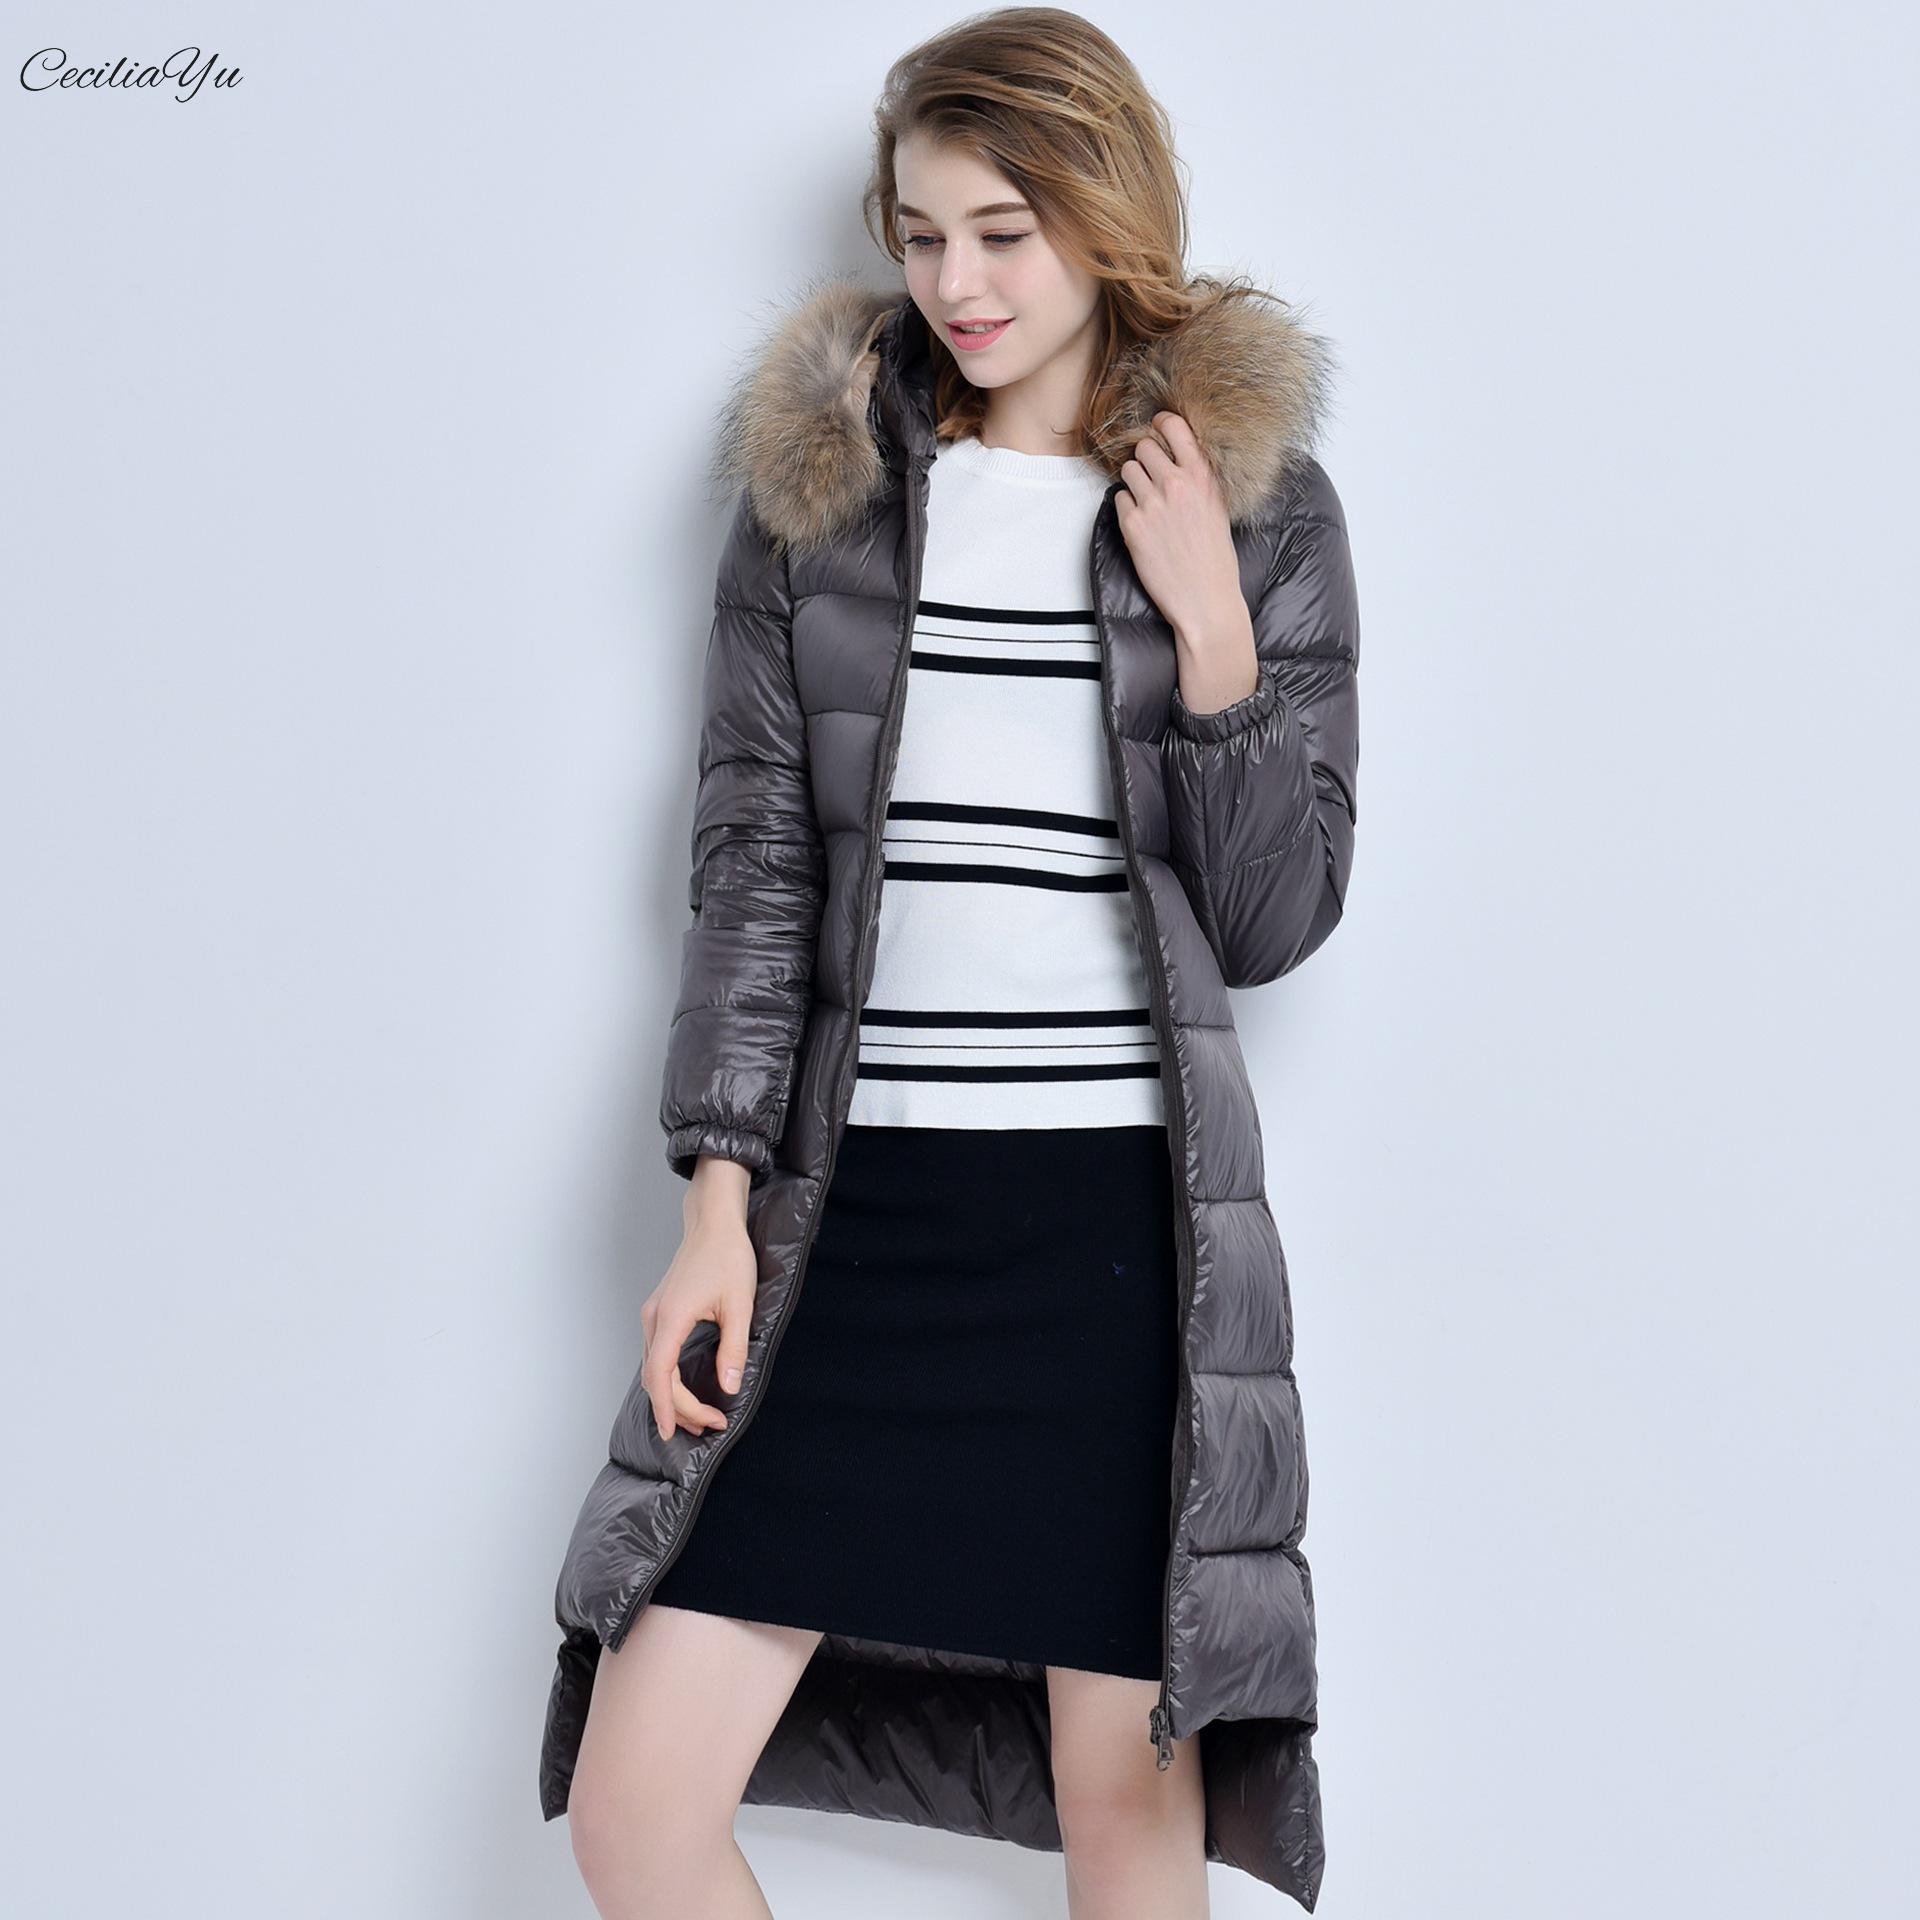 2008 зимнее платье новое корейское издание пуховая одежда с перьями короткий передний и задний носик для бутылки Женское пальто 90 вниз Ceciliayu